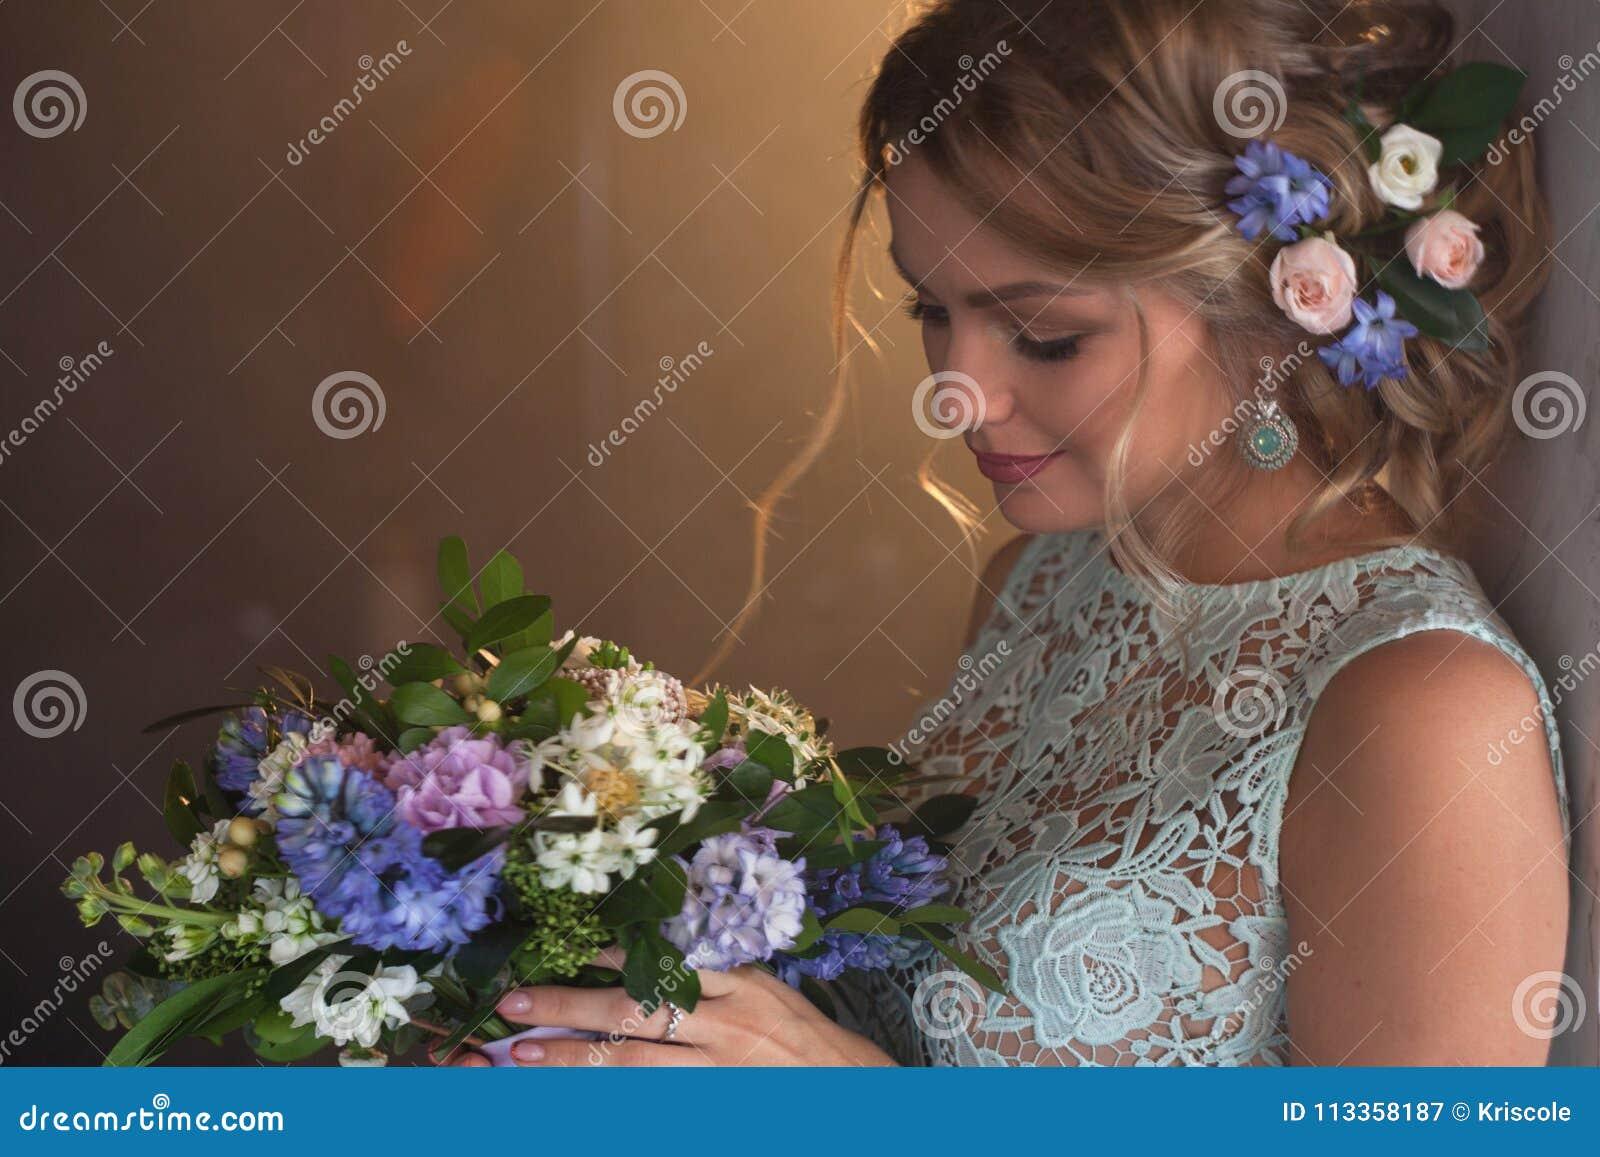 Junge Schonheit Im Hochzeitskleid Mit Blumenstrauss Von Blumen